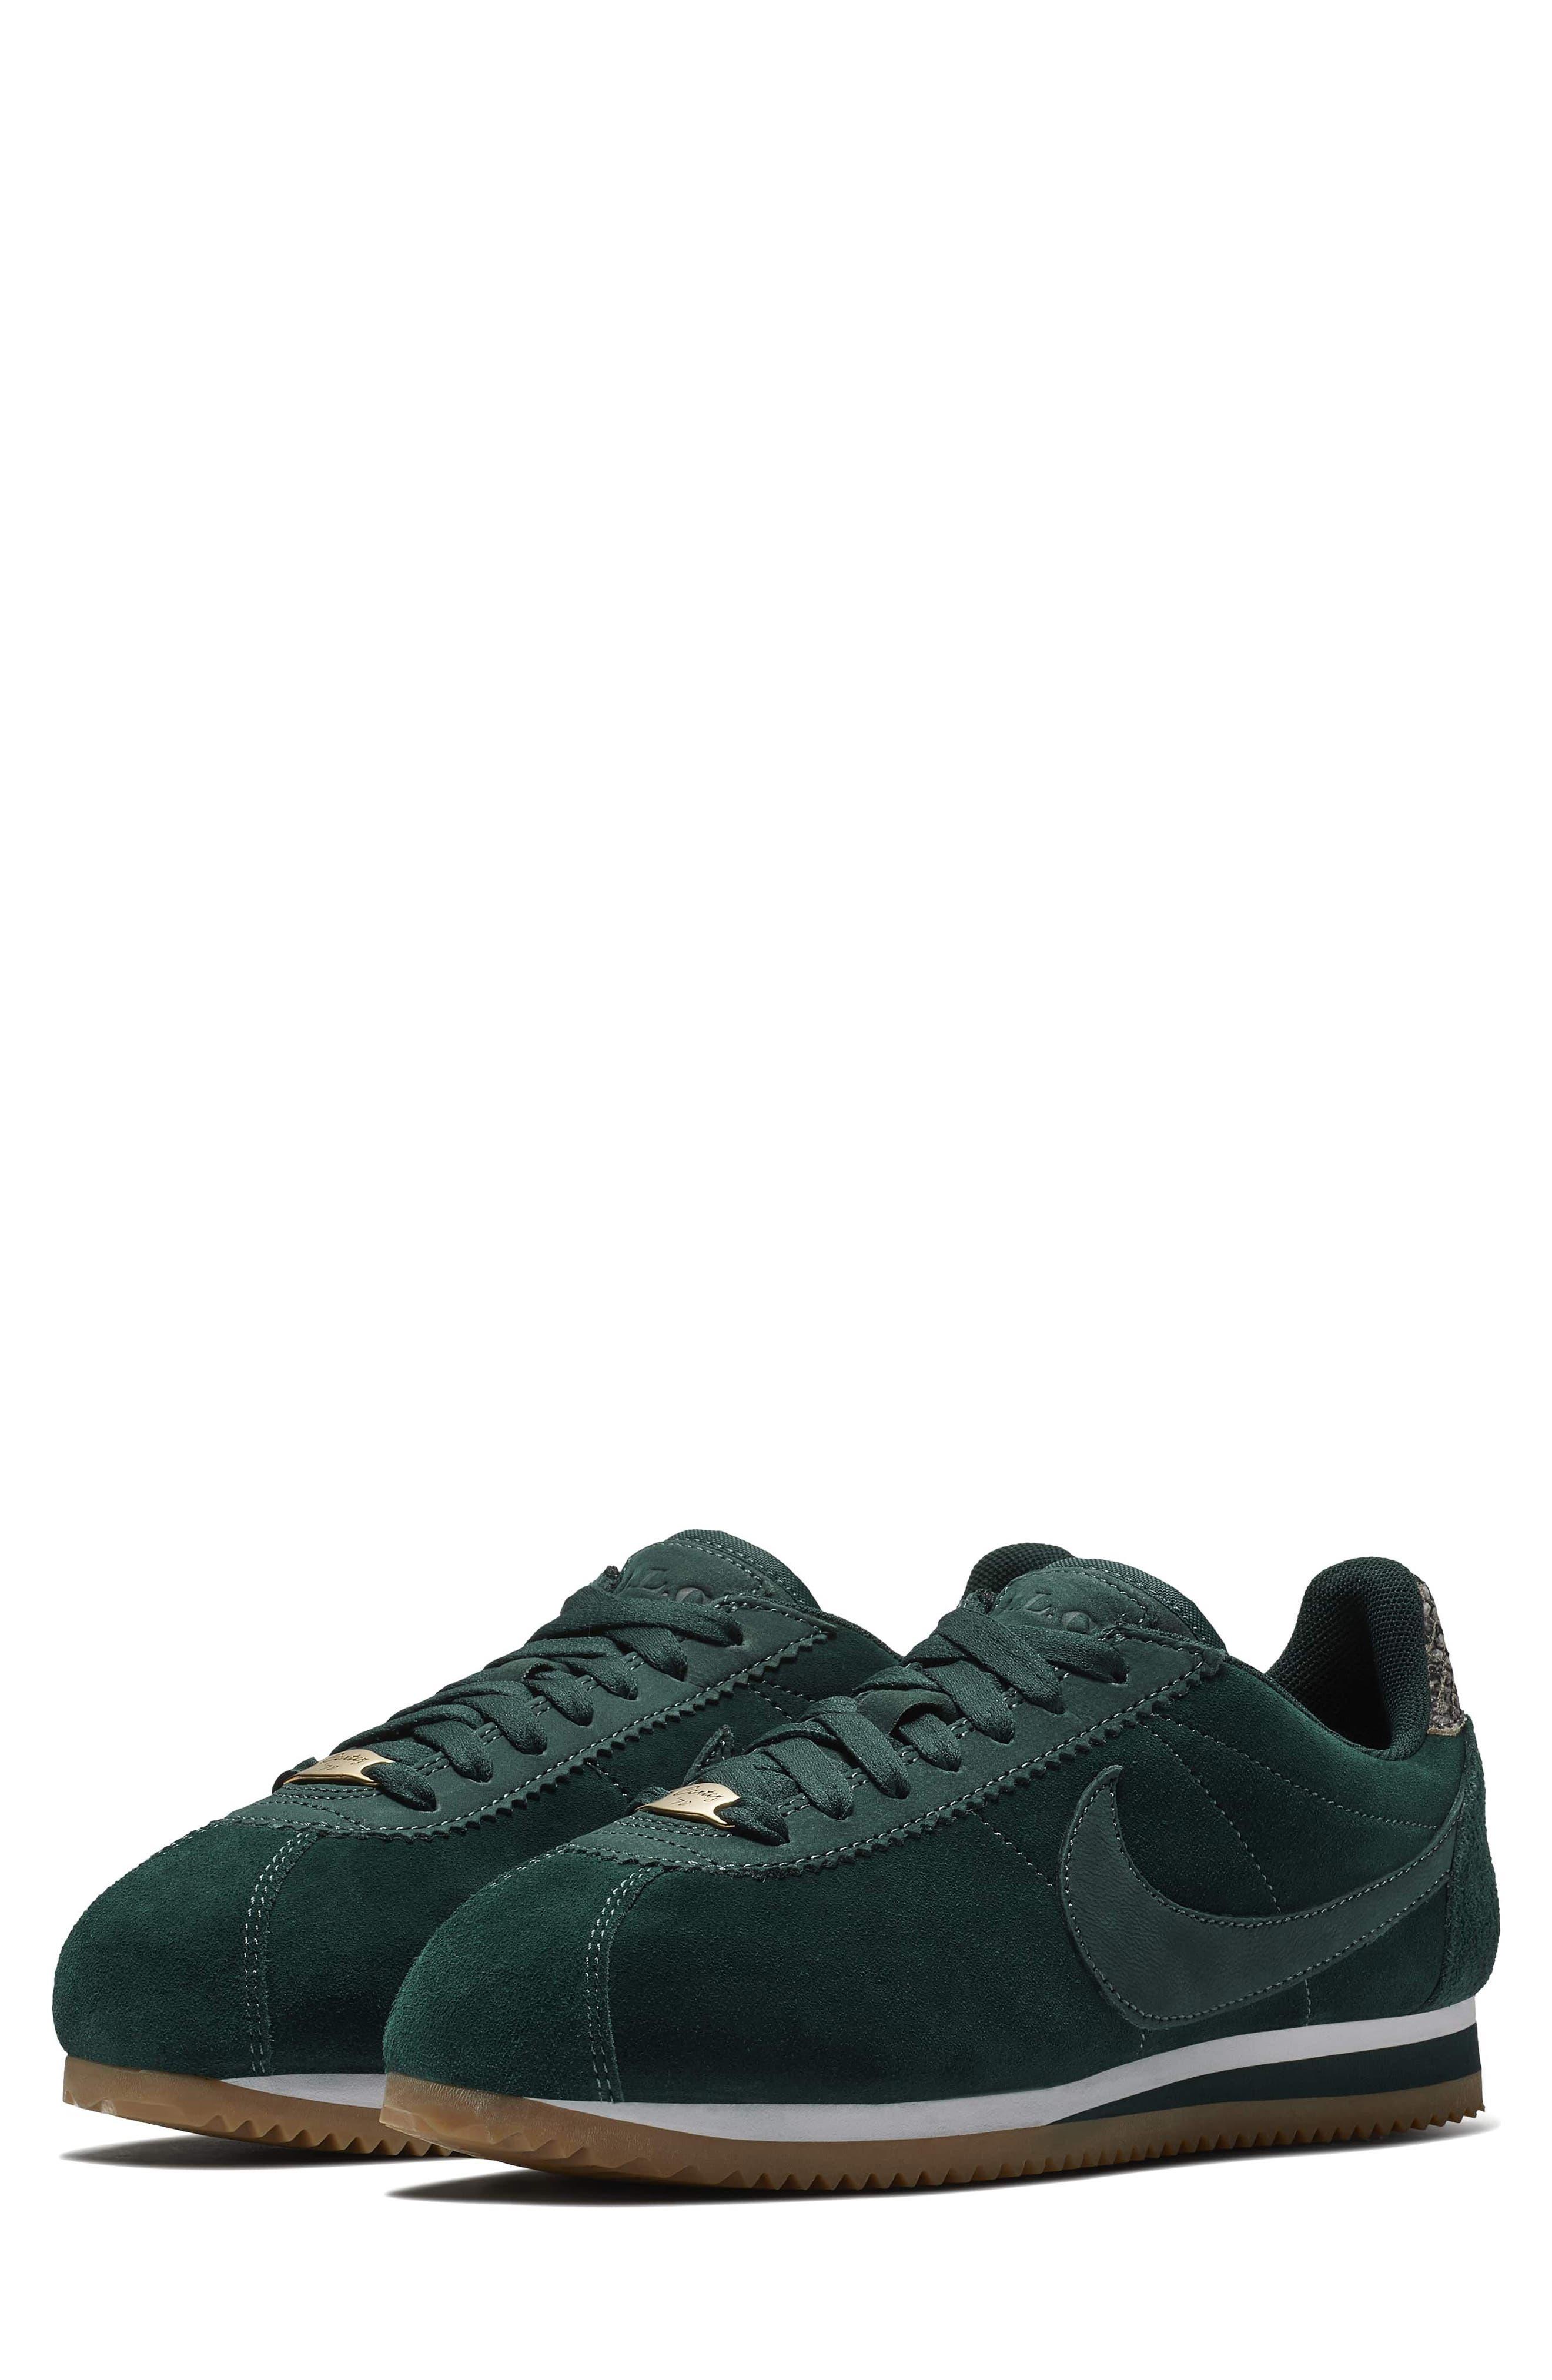 x A.L.C. Classic Cortez Sneaker,                         Main,                         color, Midnight Spruce/ White